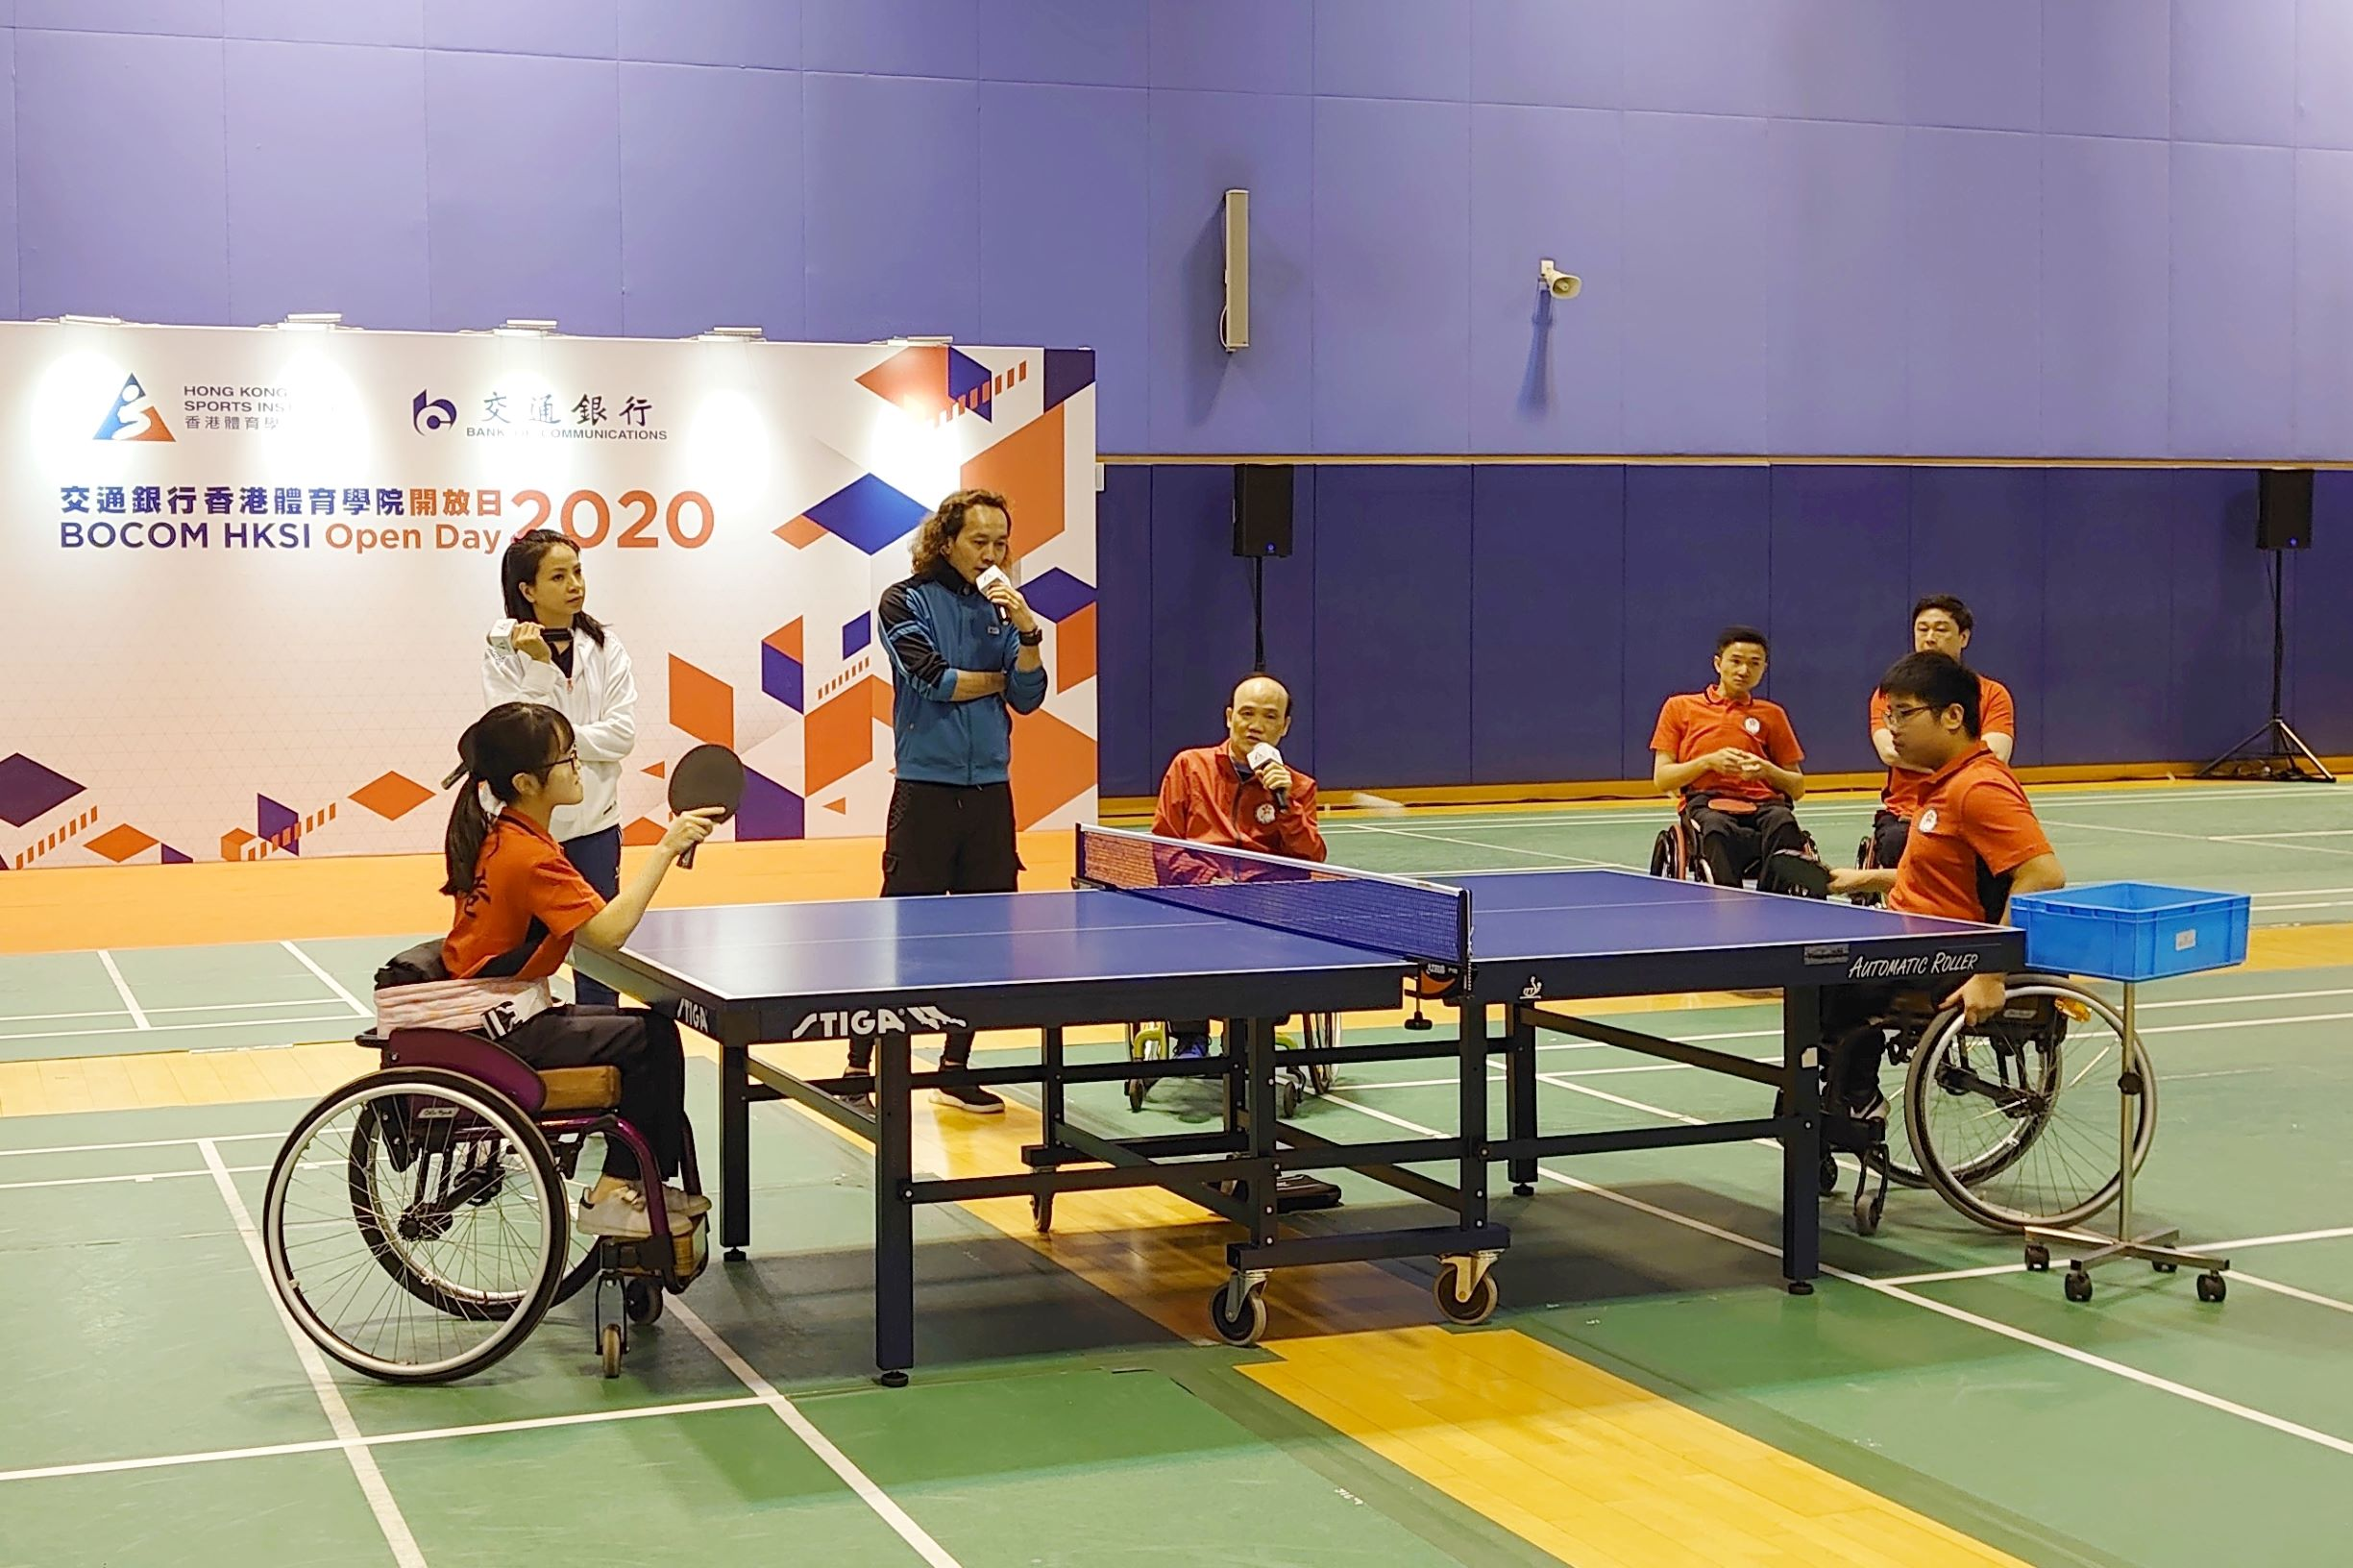 交通銀行香港體育學院開放日2020圓滿結束